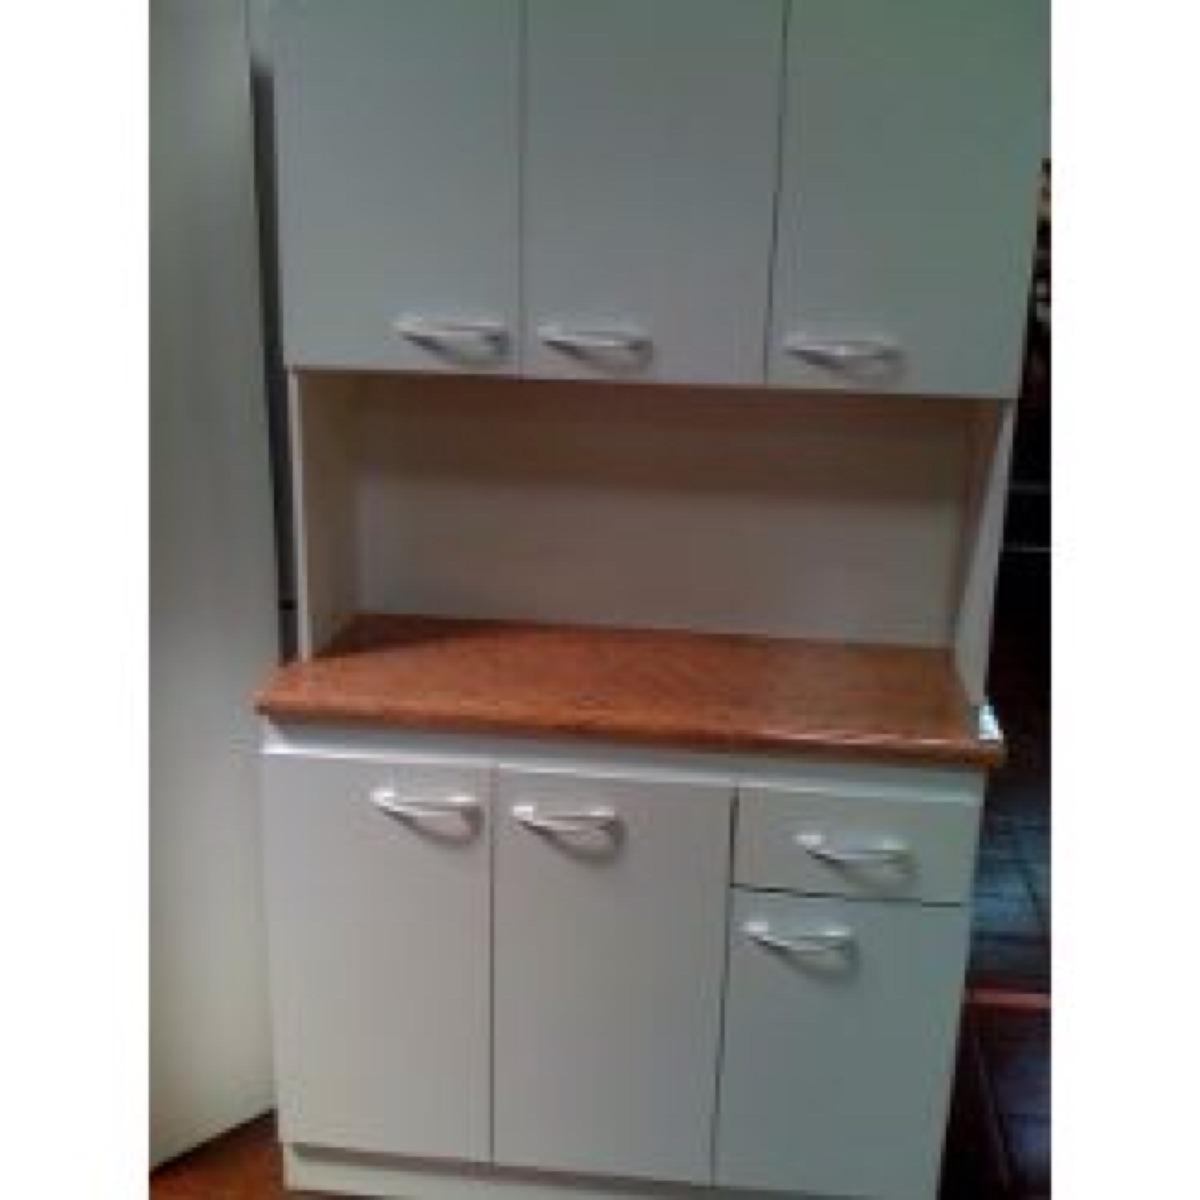 Mueble cocina compacto en mercado libre - Muebles de cocina tenerife ...